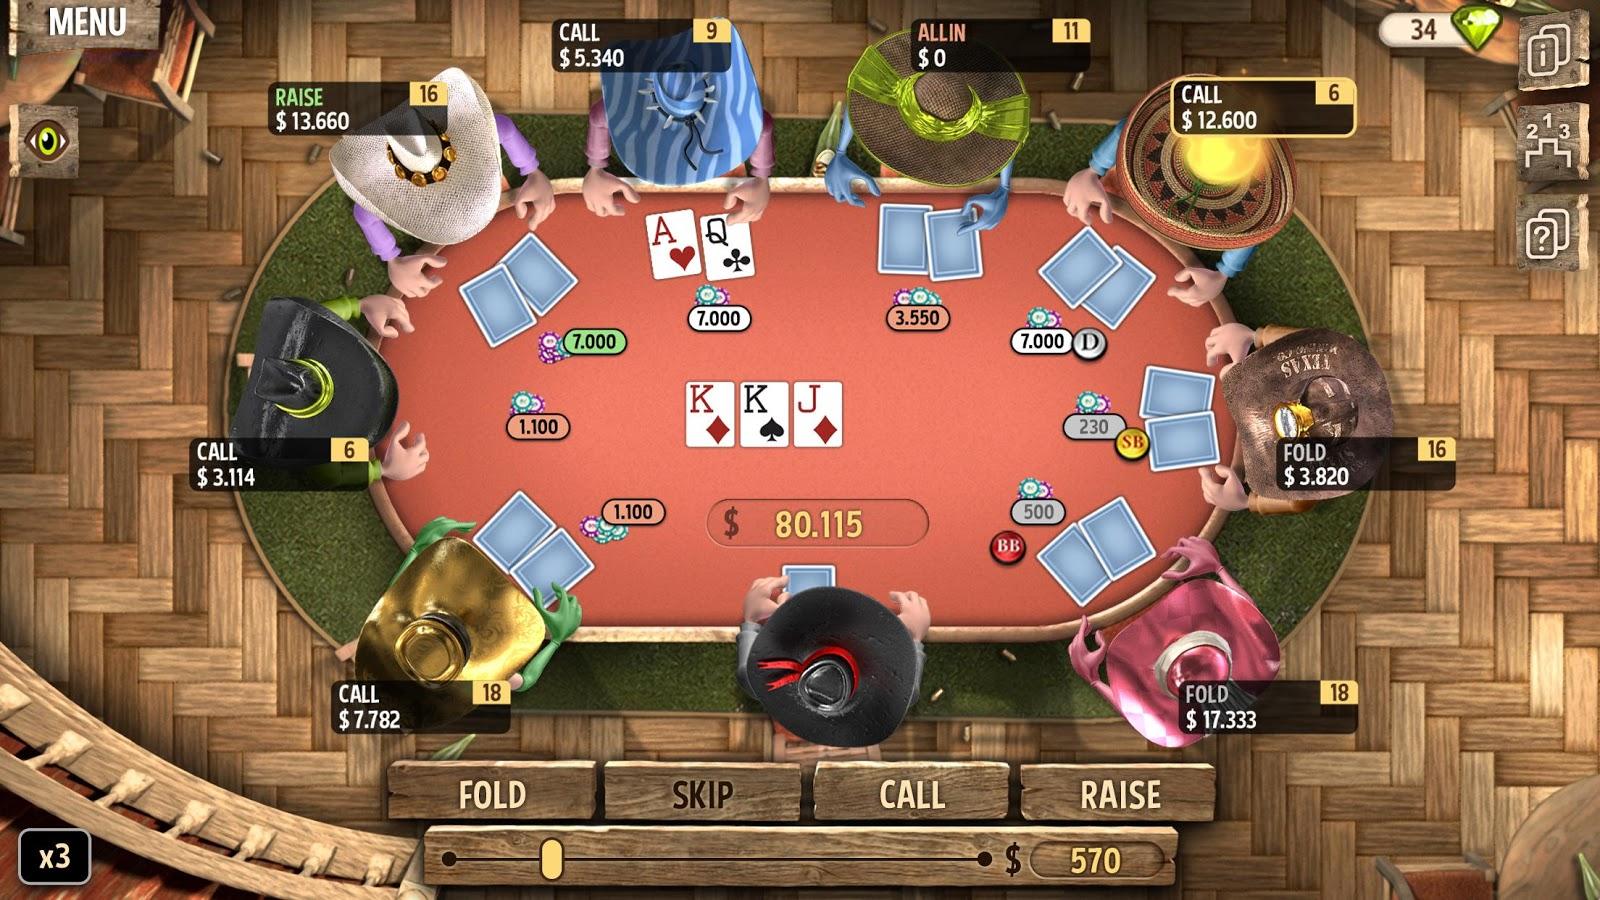 Скачать игру покер не онлайн бесплатно для компьютера азартные играть карты